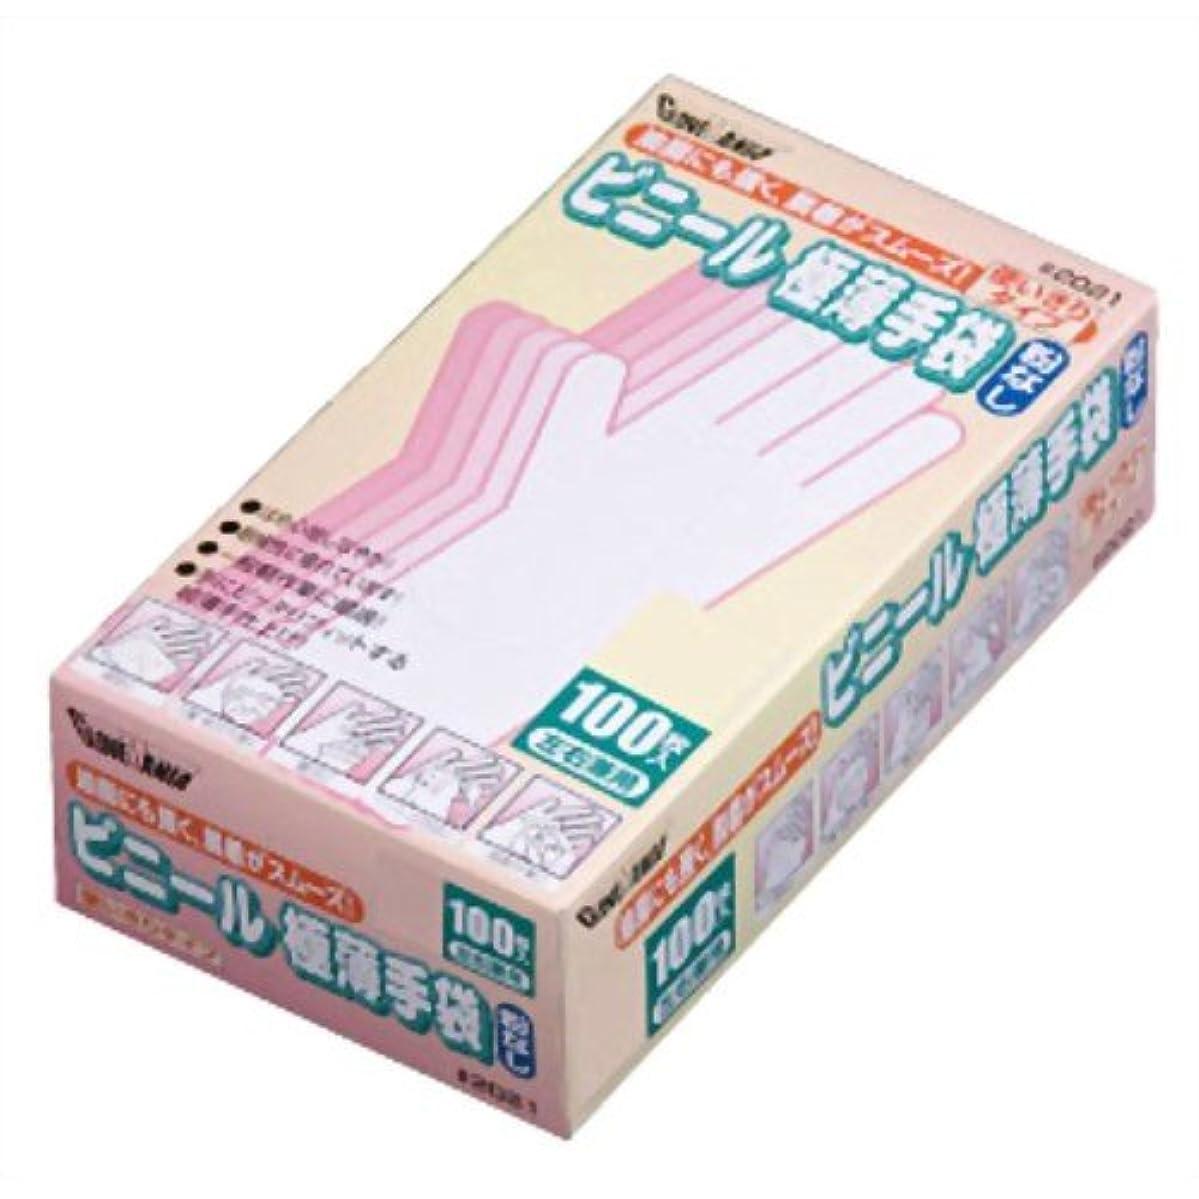 用心姿を消す四分円川西工業 ビニール極薄手袋 粉なし 100枚入 #2021 クリア S